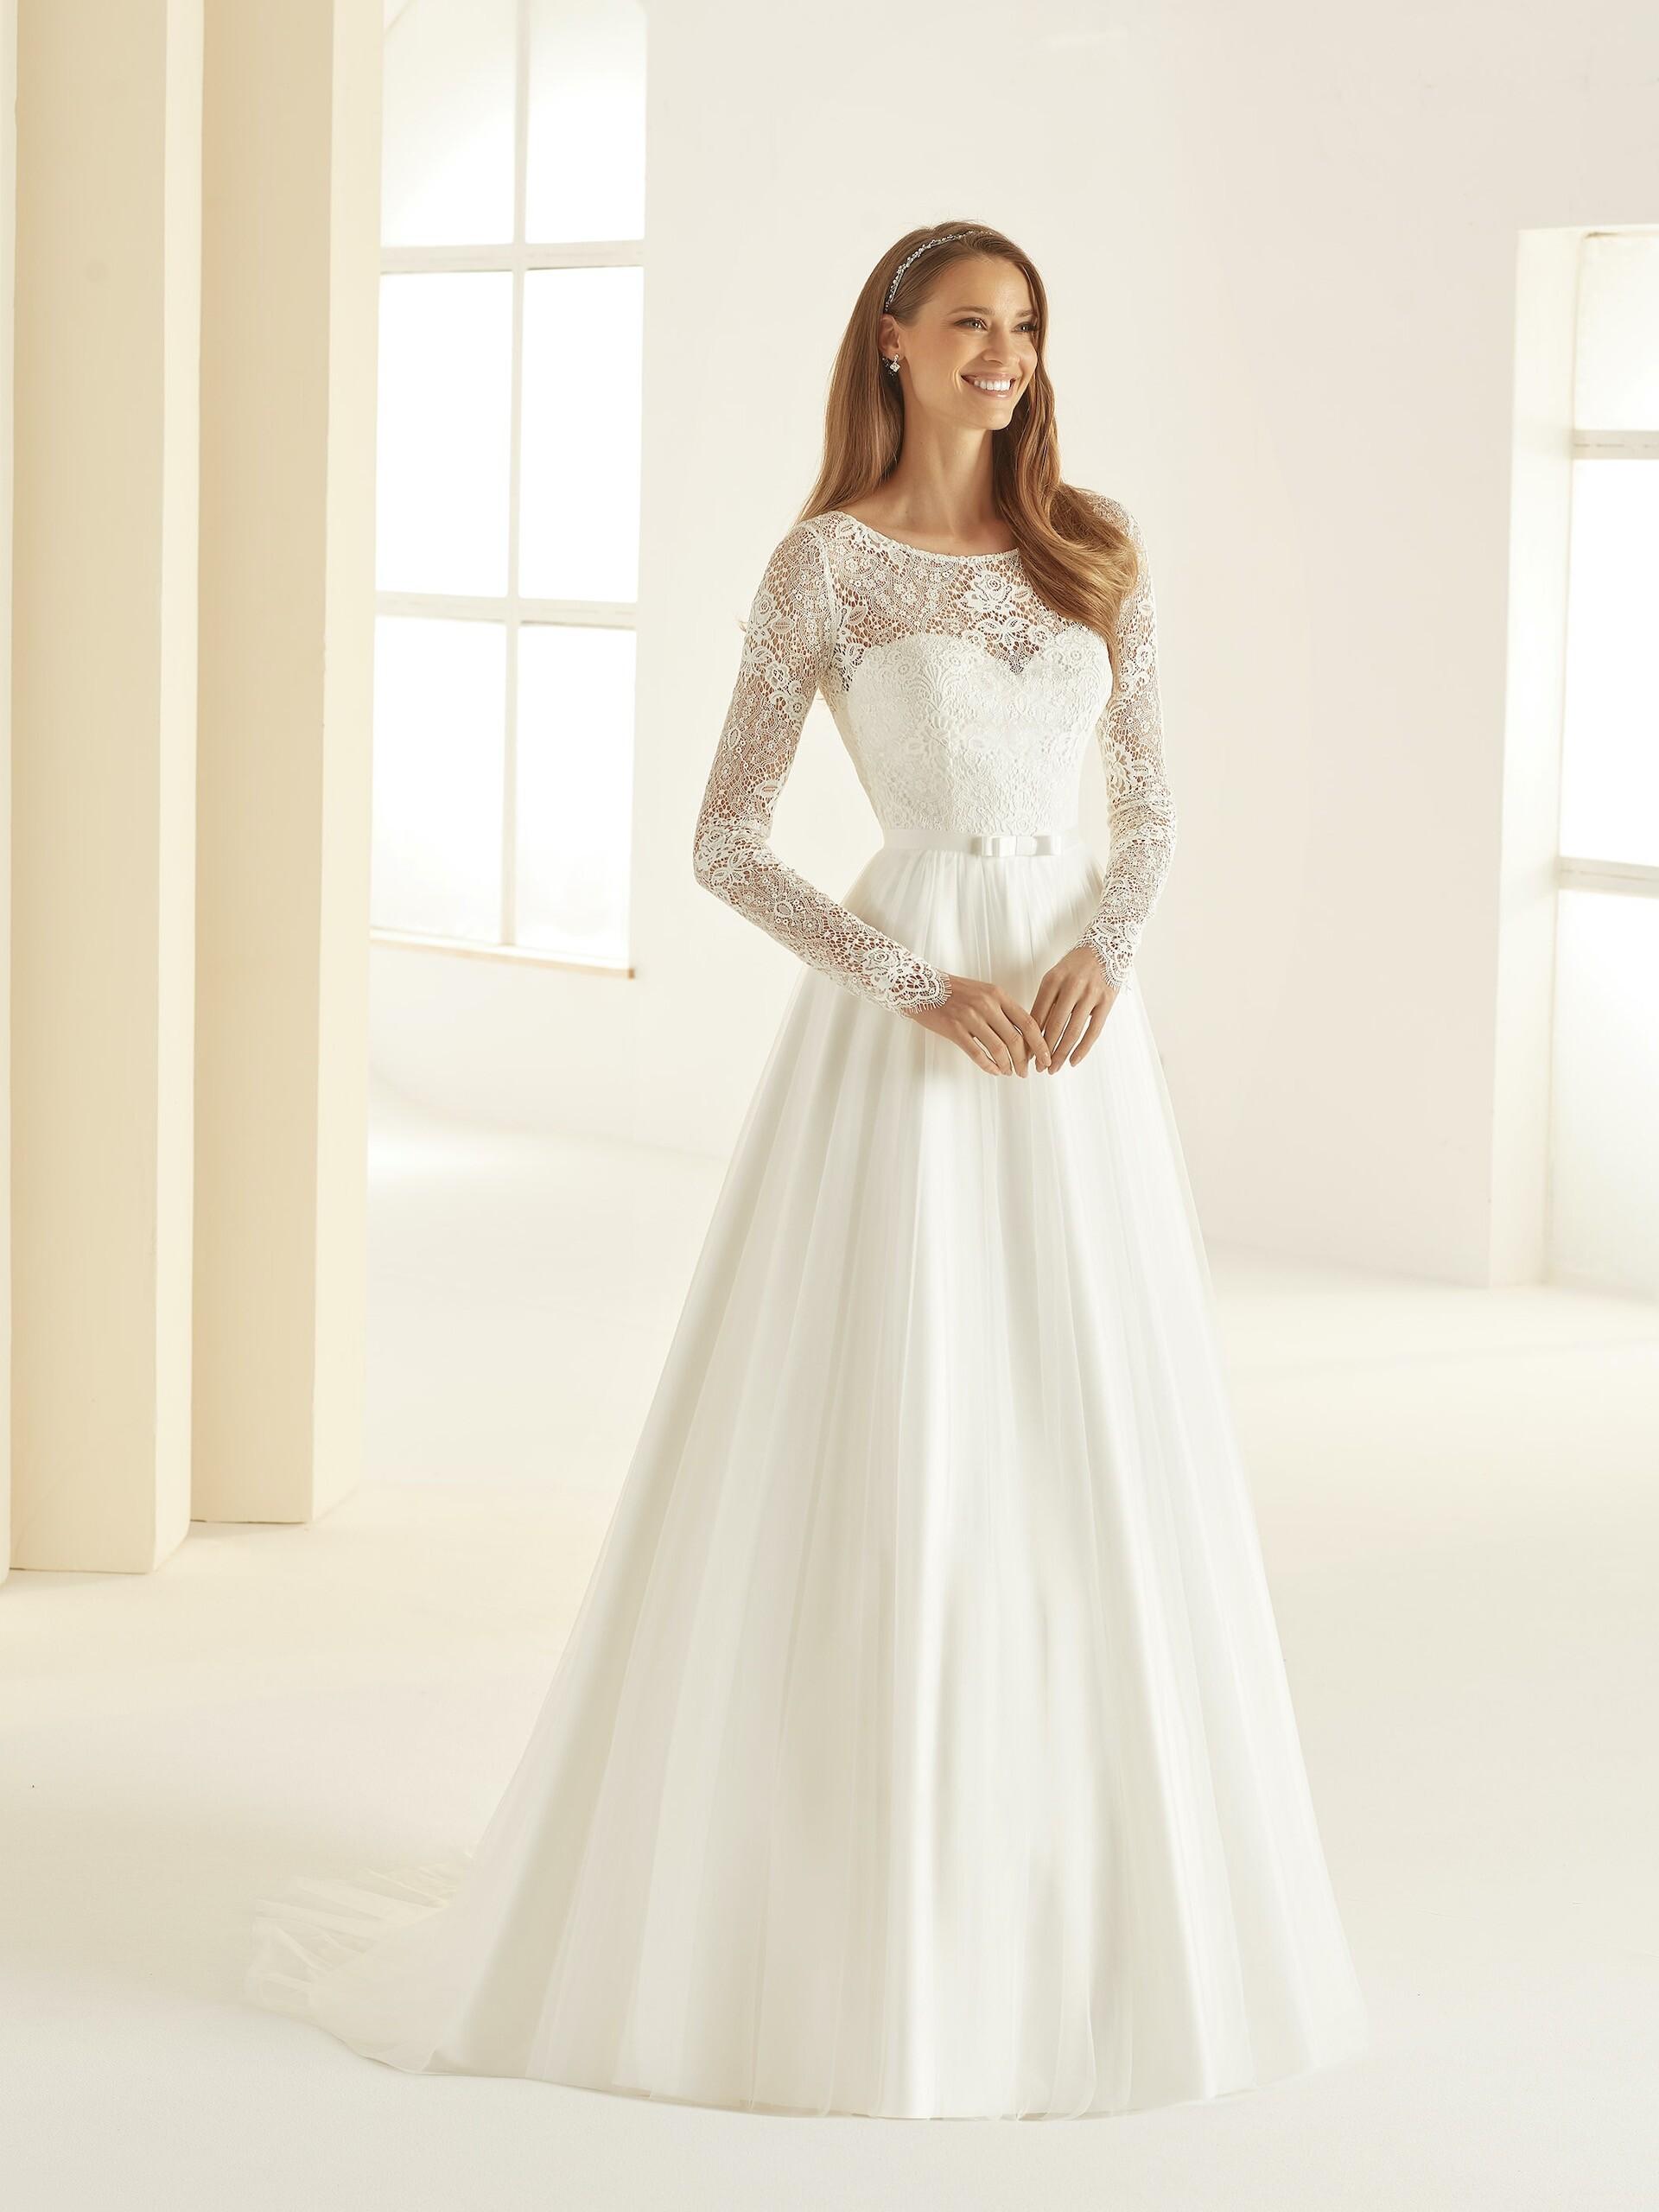 Brautkleid im Prinzessschnitt mit Spitzentop, Illusion-Ausschnitt und langen Ärmeln von Bianco Evento, Modell Daniela